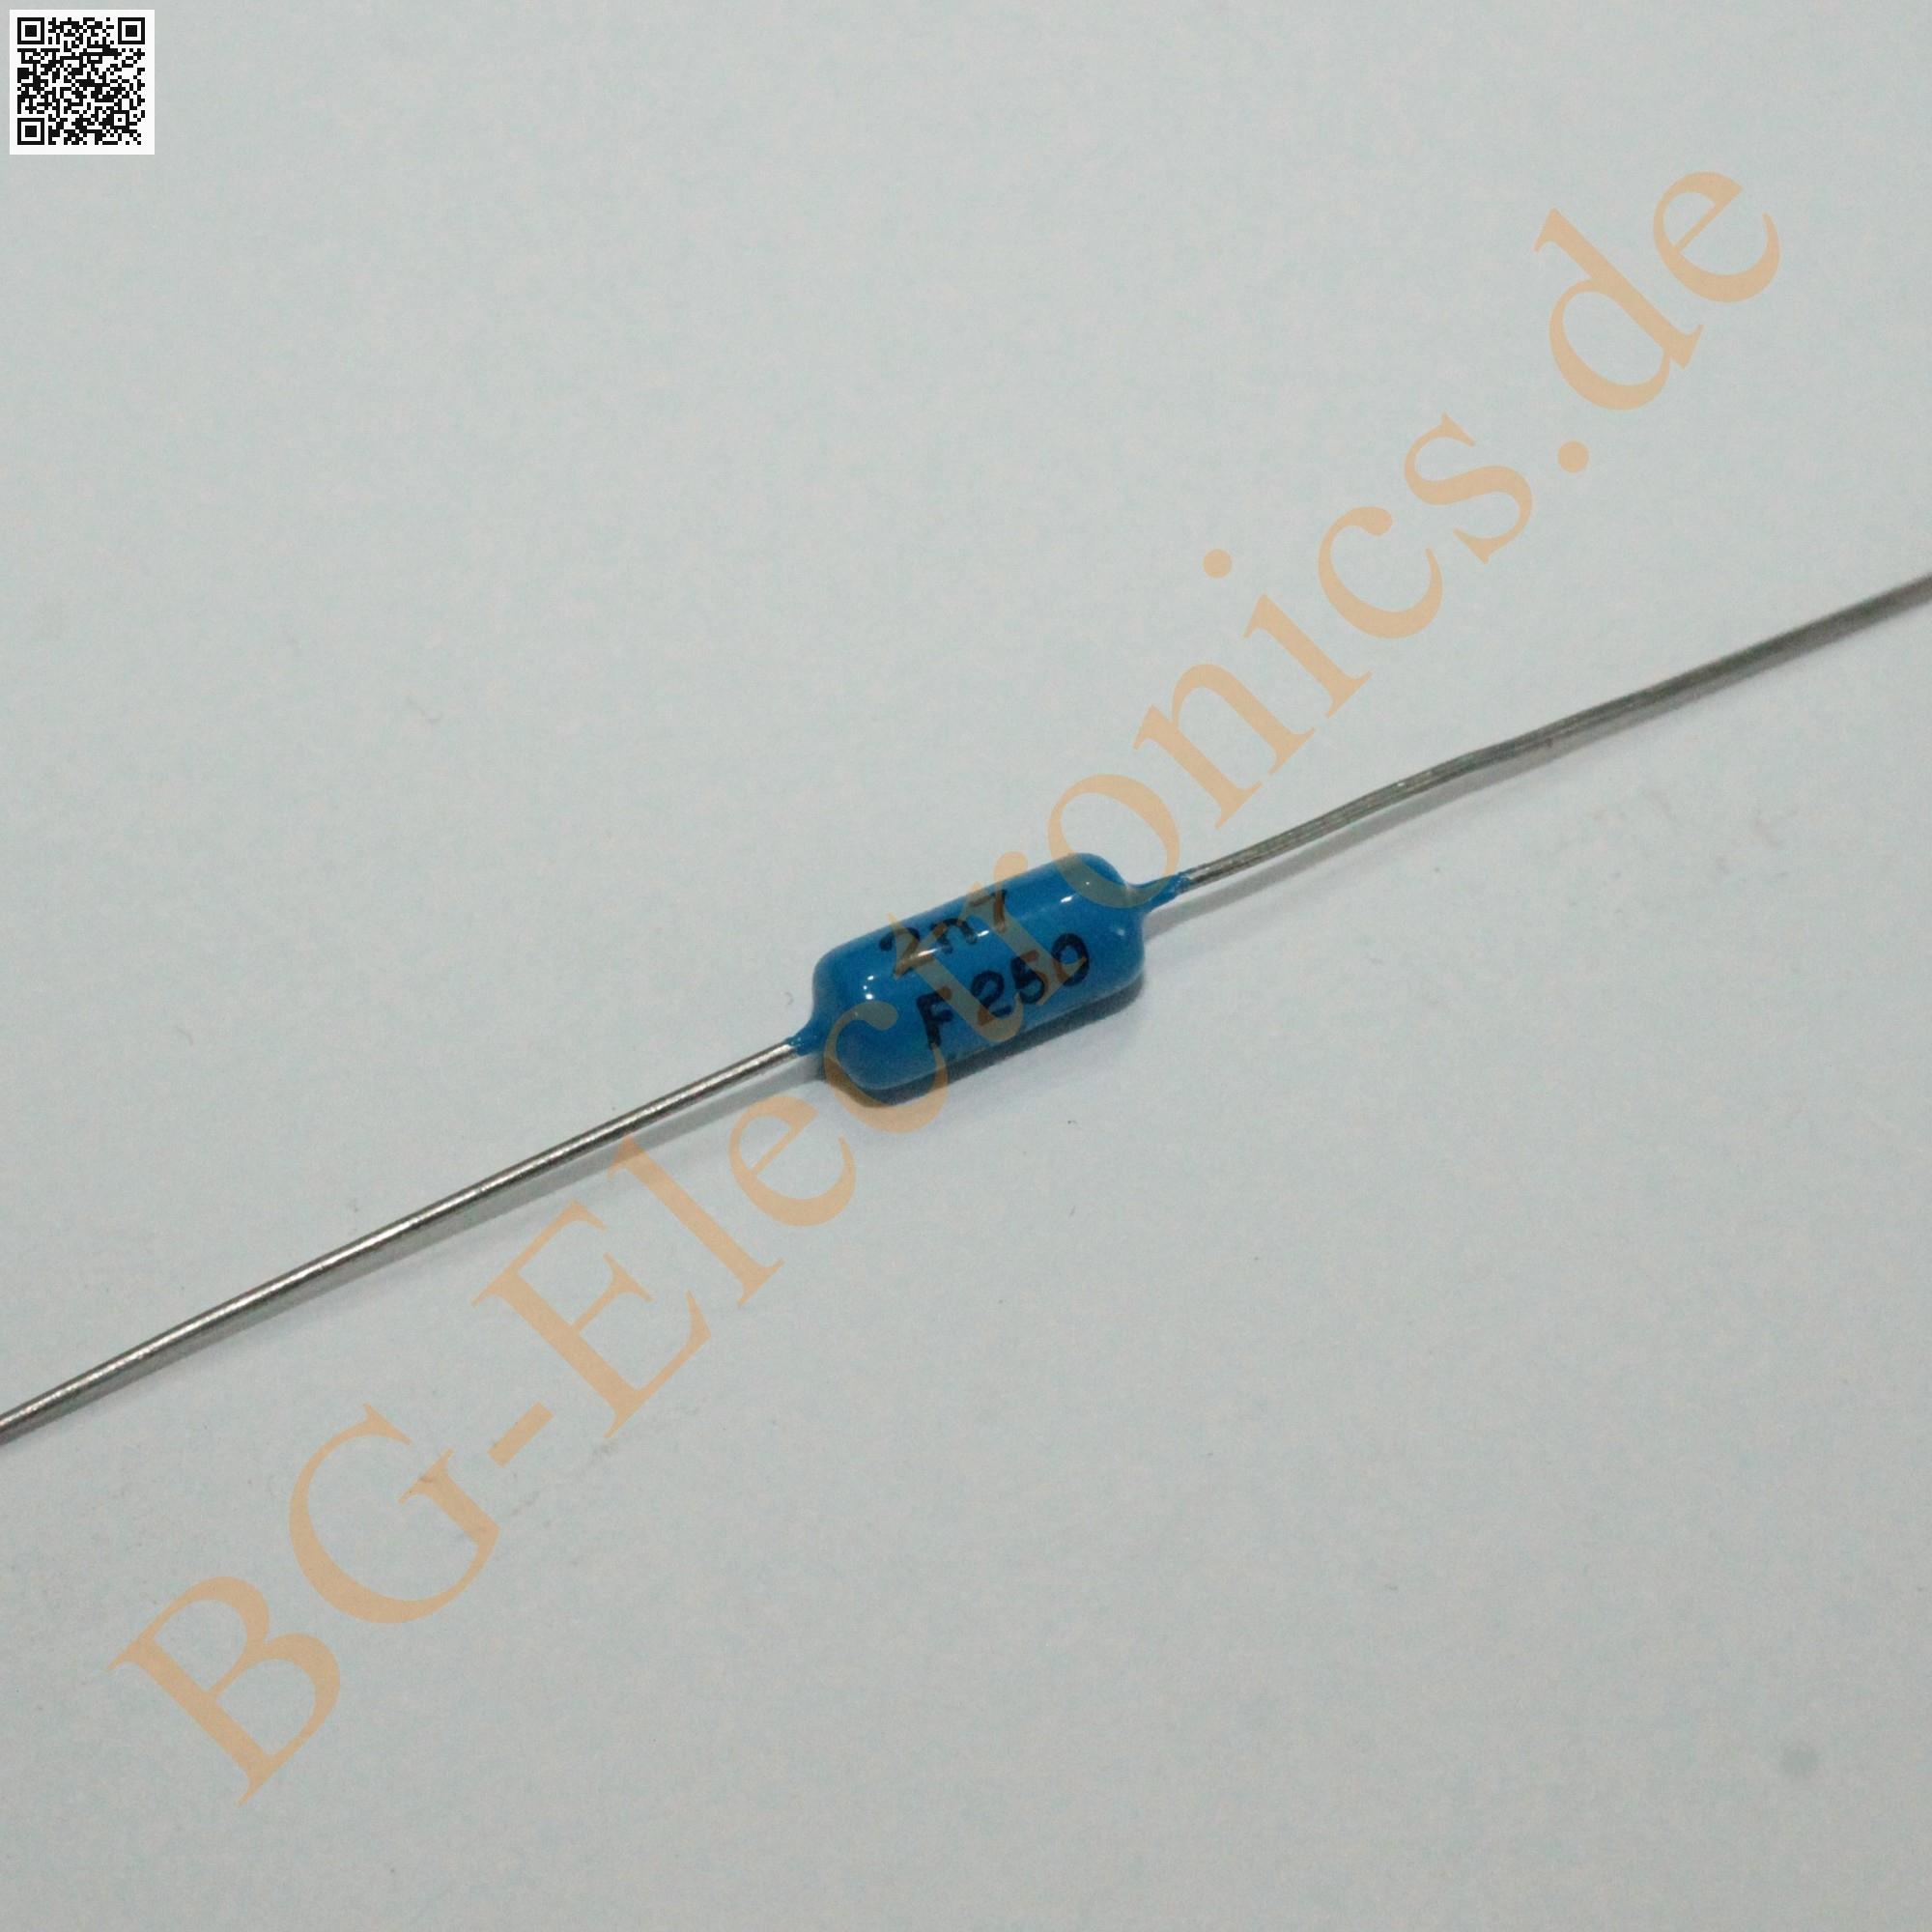 5 x 2,7nF 0.000uF 0.000µF 250V KP 2700pF Folien Kondensator Cap Philips  5pcs